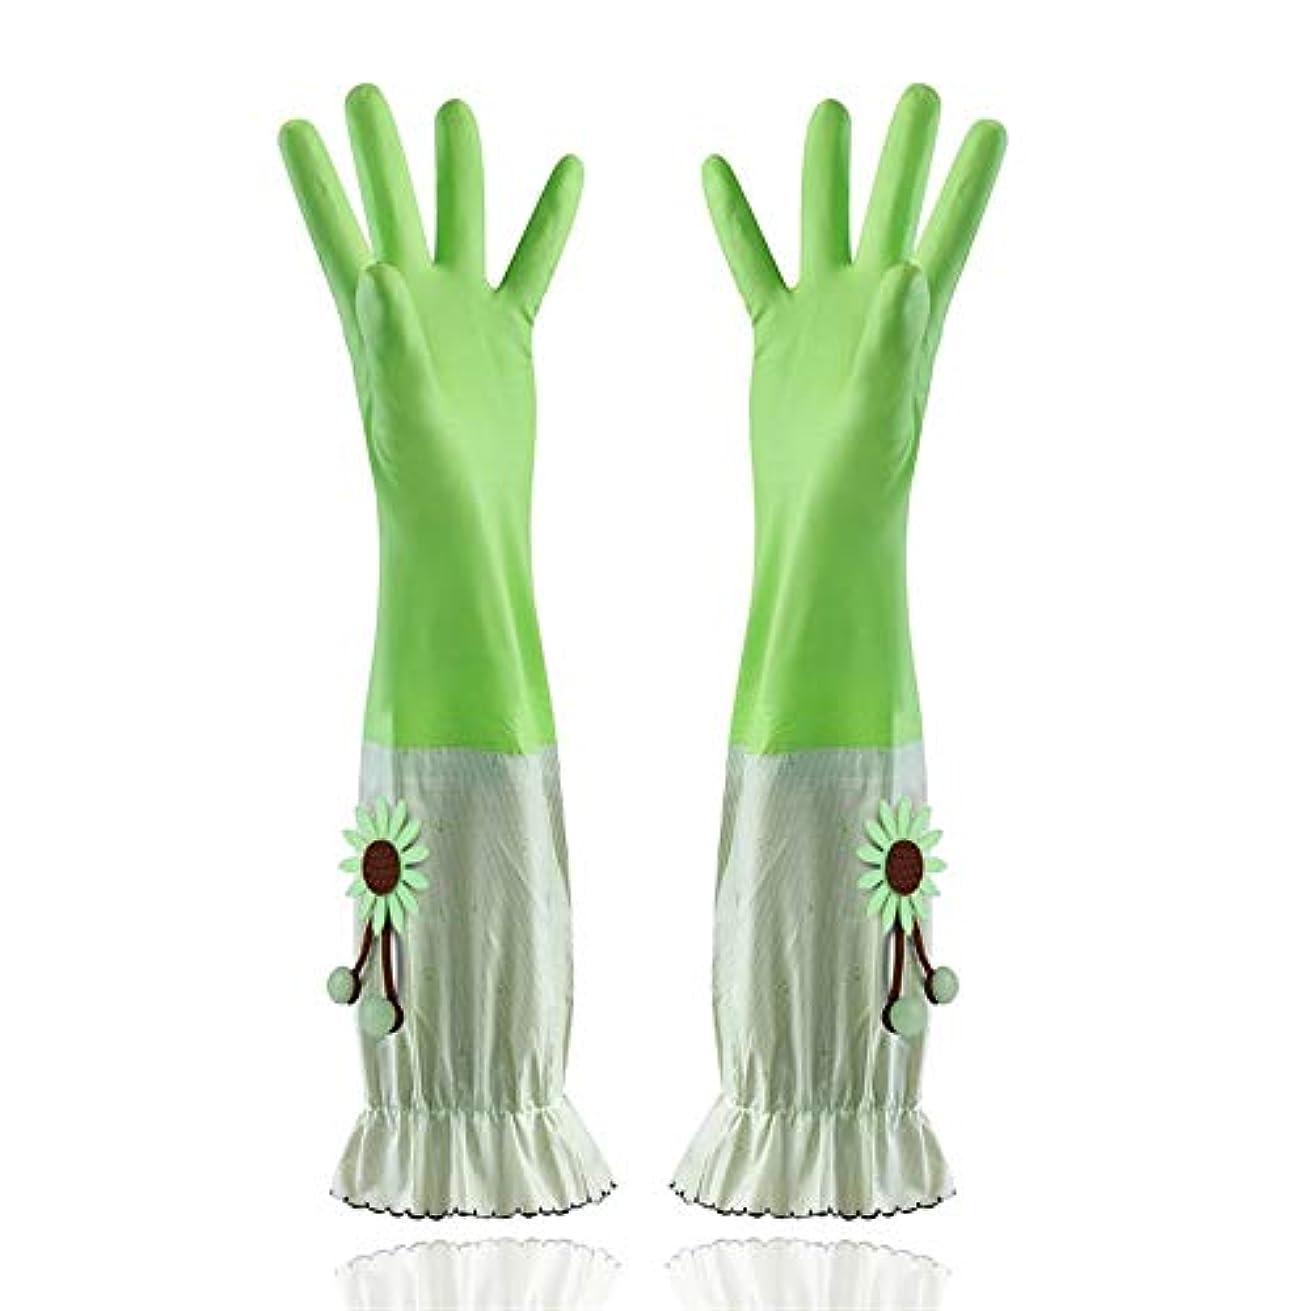 逆に成功縮約ニトリルゴム手袋 家庭用手袋防水性と耐久性のあるラテックス厚手PVC手袋 使い捨て手袋 (Color : Green, Size : L)